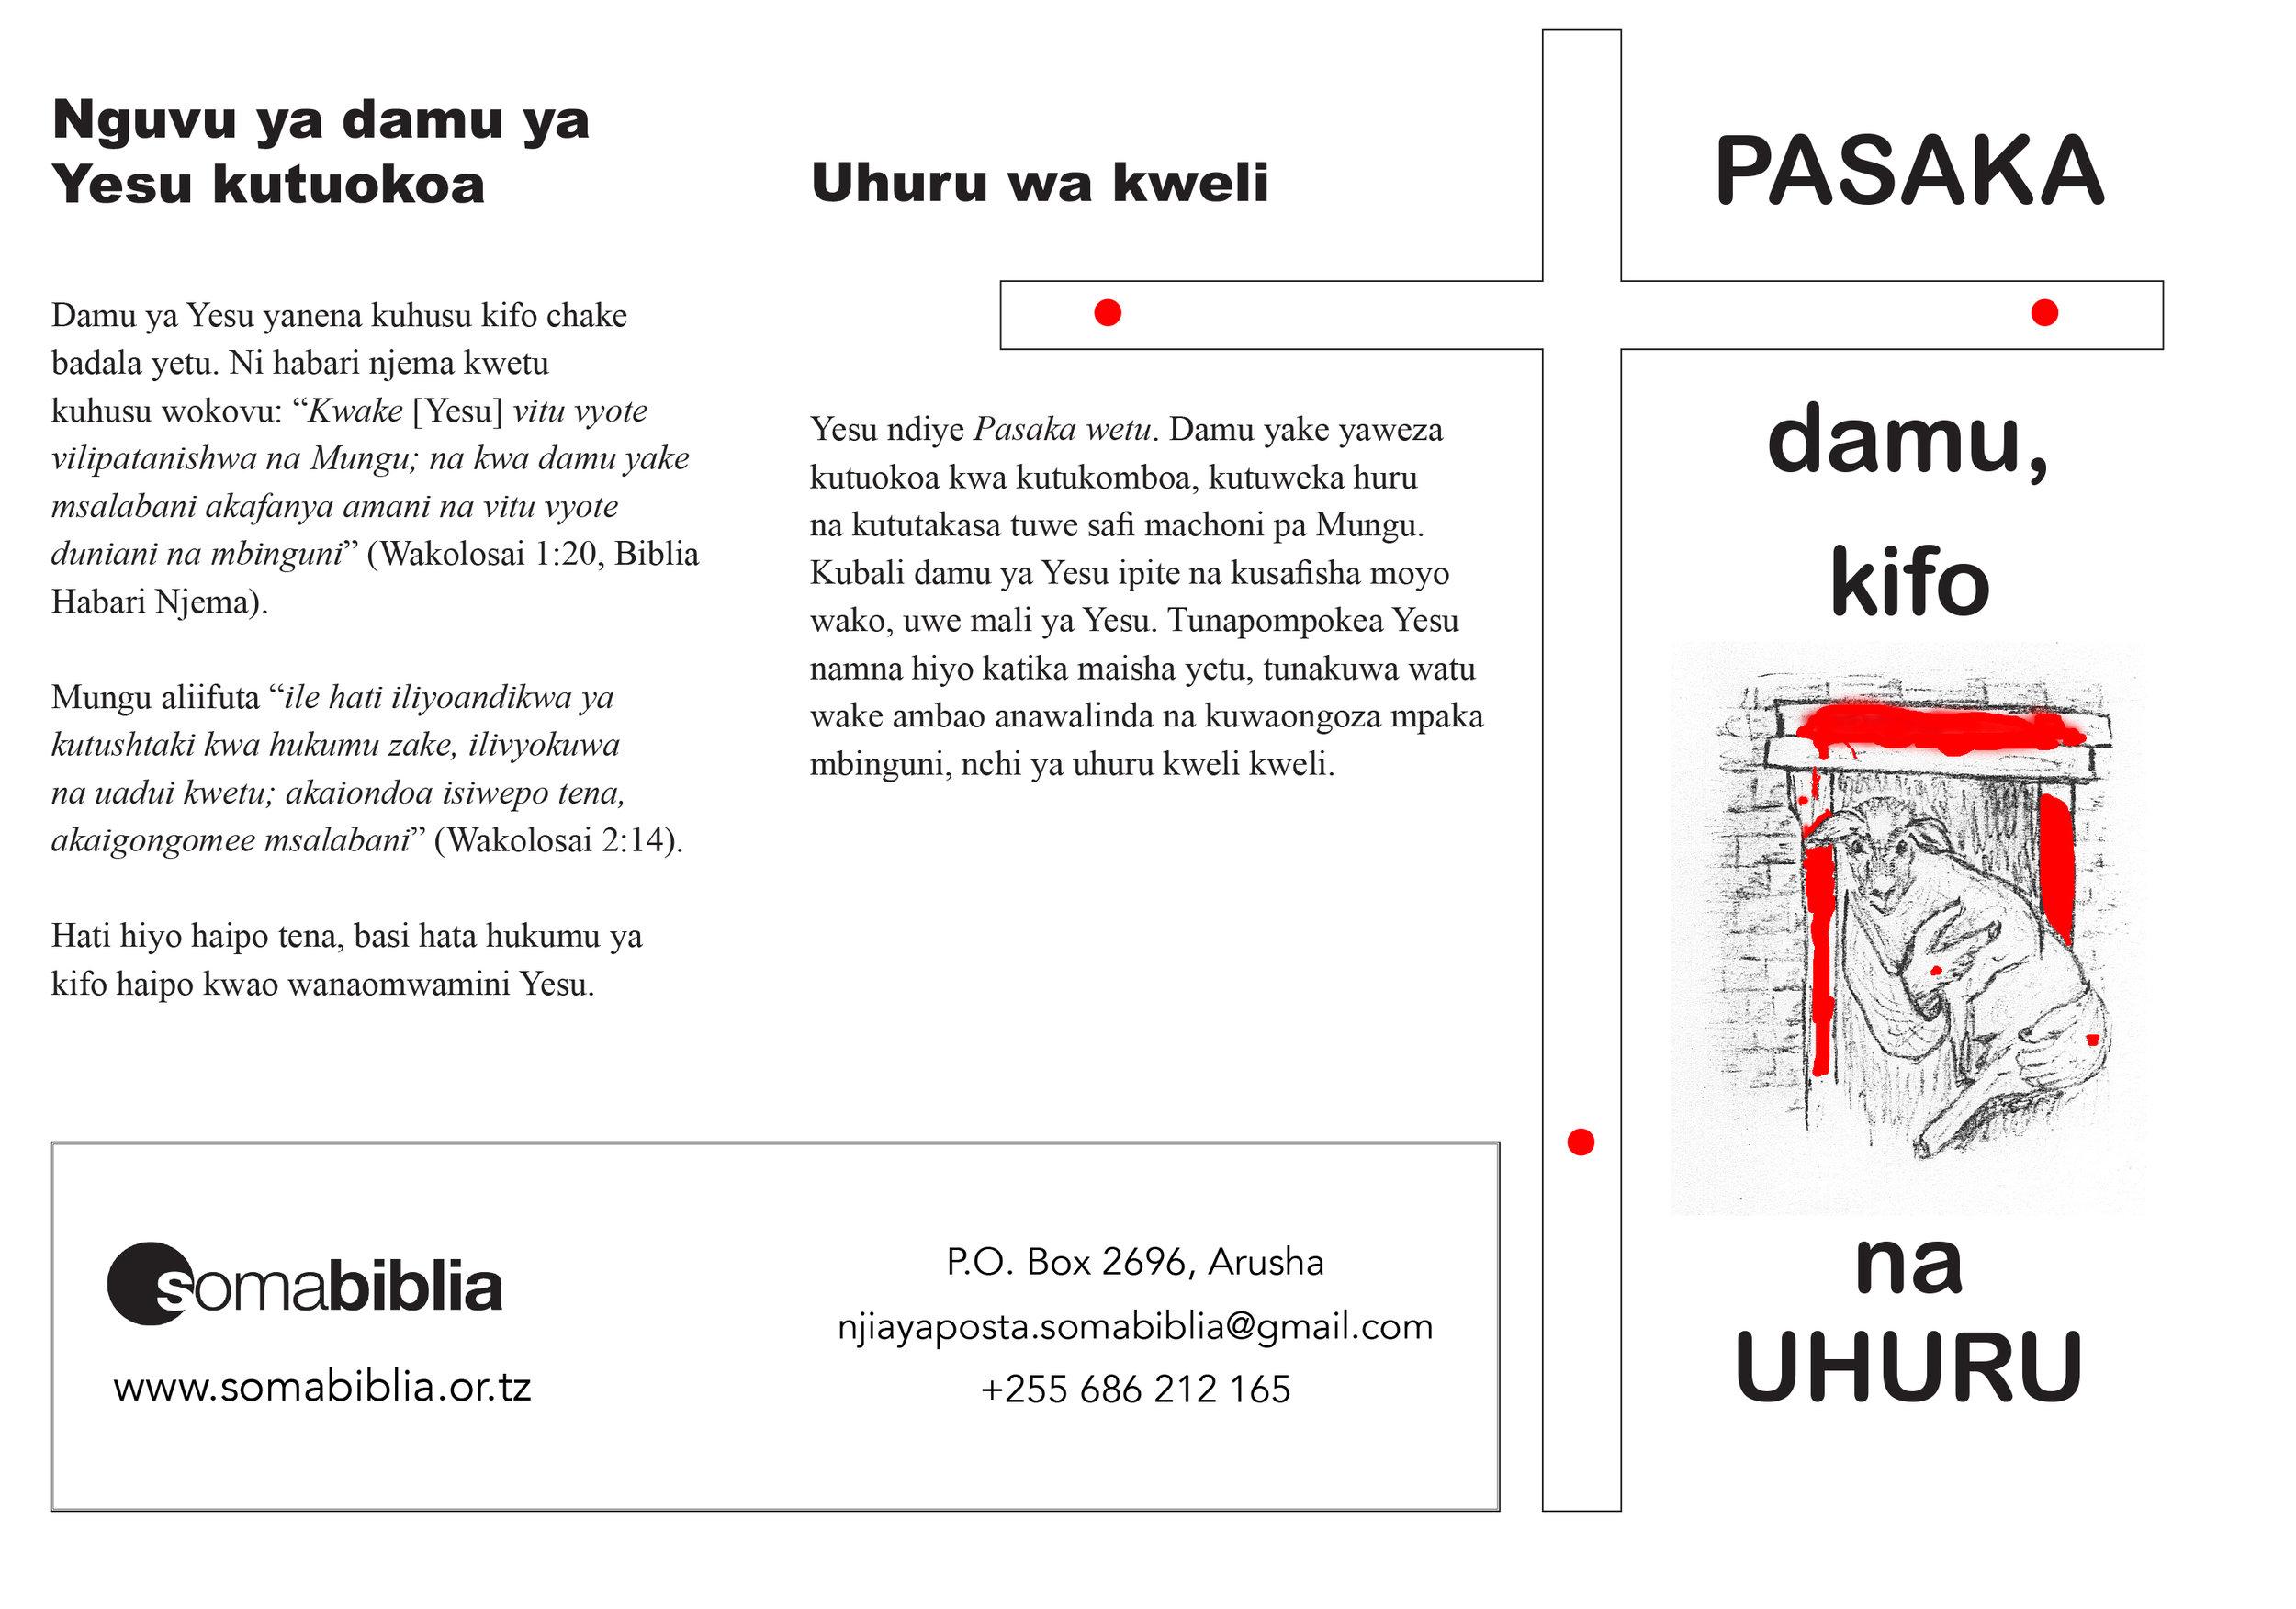 Pasaka 25.5 x 18.5 cm_final print-1.jpg